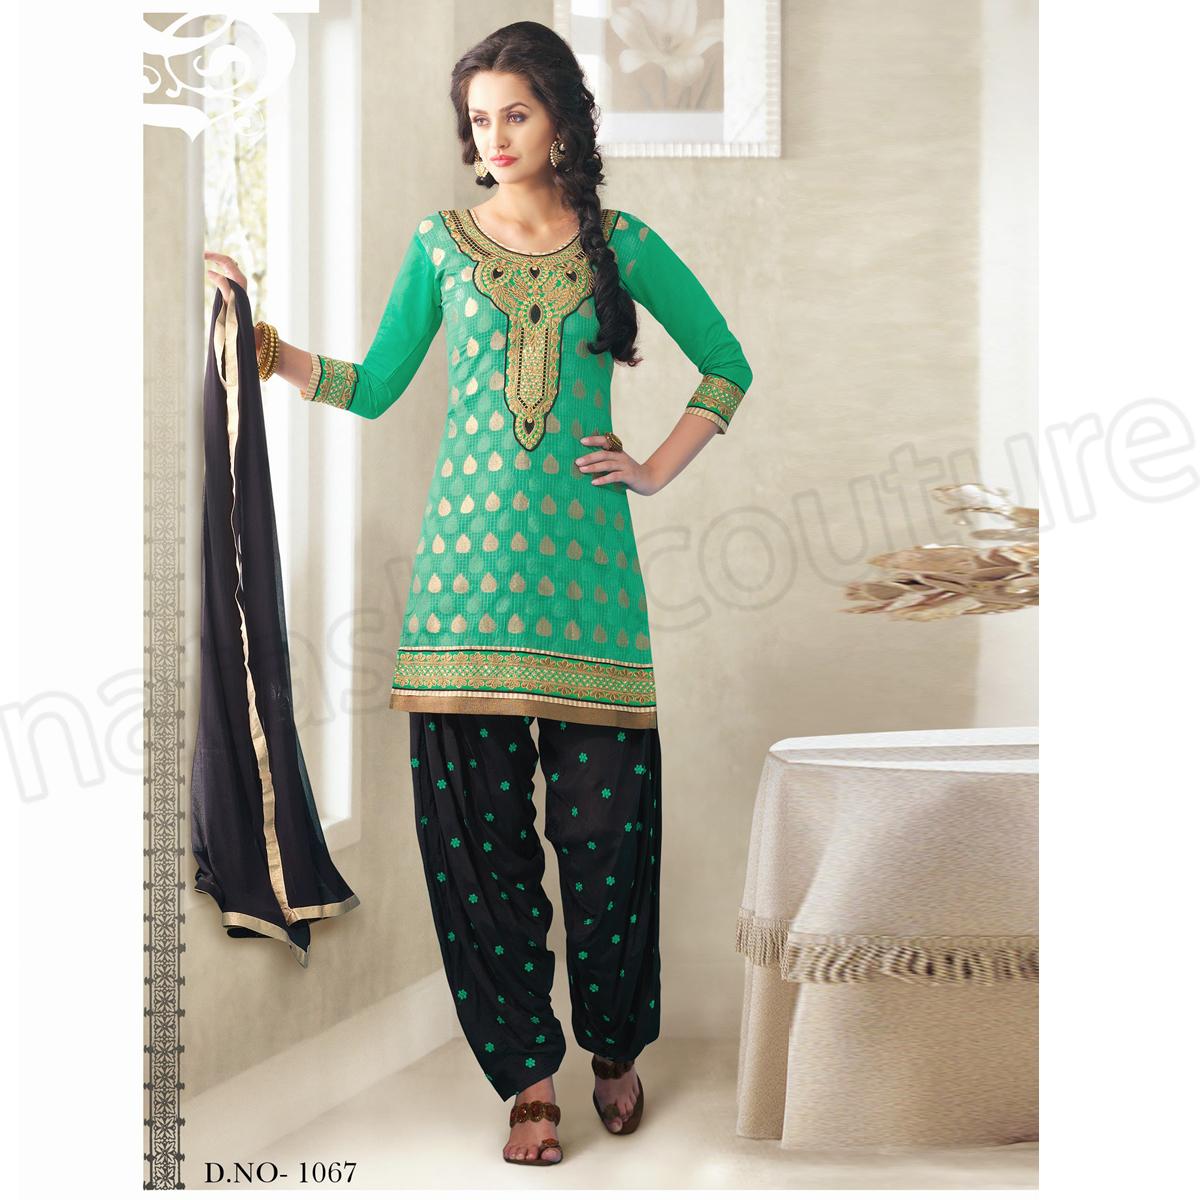 Punjabi Suits Latest Indian patiala Shalwar Kameez Collection 2015-2016 (19)